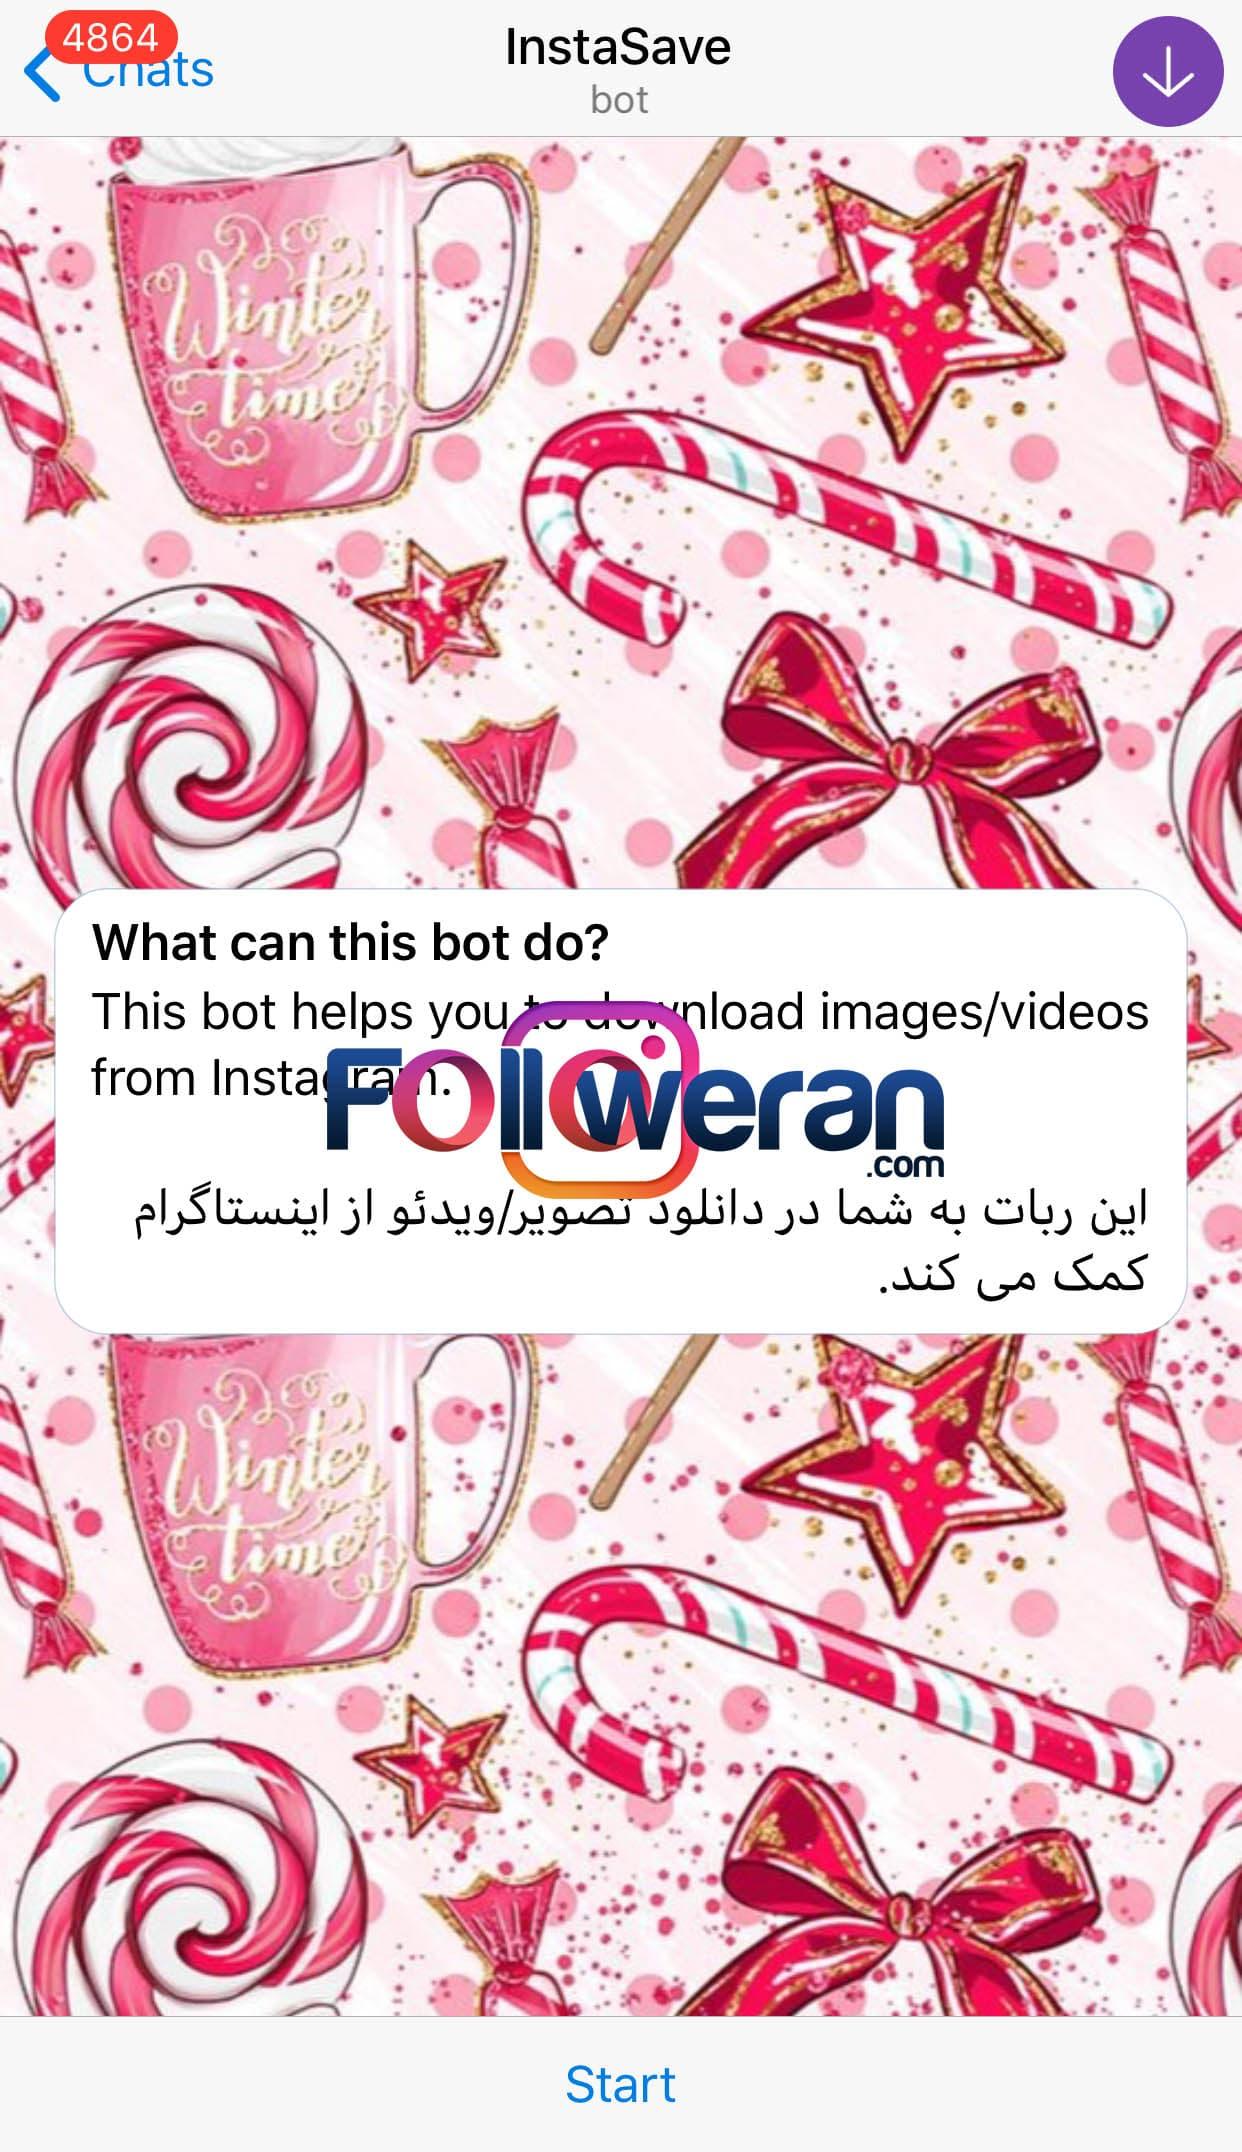 دانلود عکس پروفایل اینستاگرام باinstadp.com دانلود عکس پروفایل اینستاگرام با ربات Instasave1